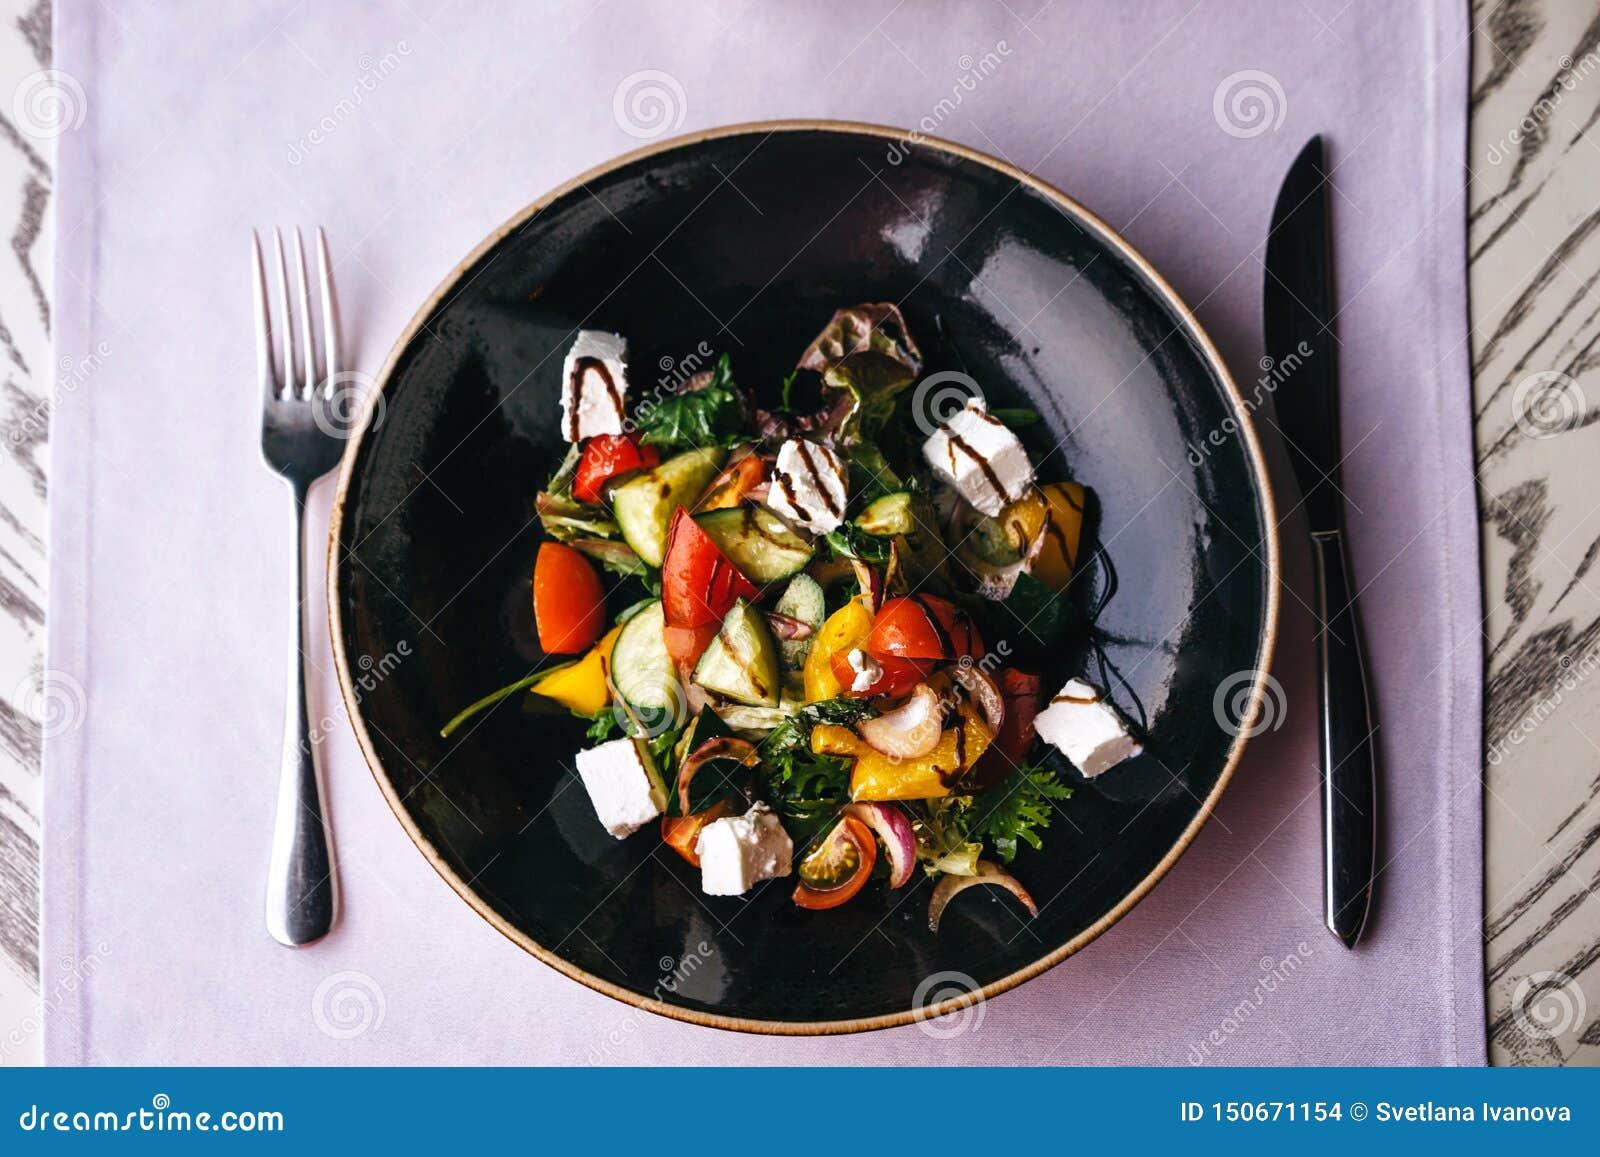 Plat appétissant dans le restaurant, servant sur la table avec une nappe lilas